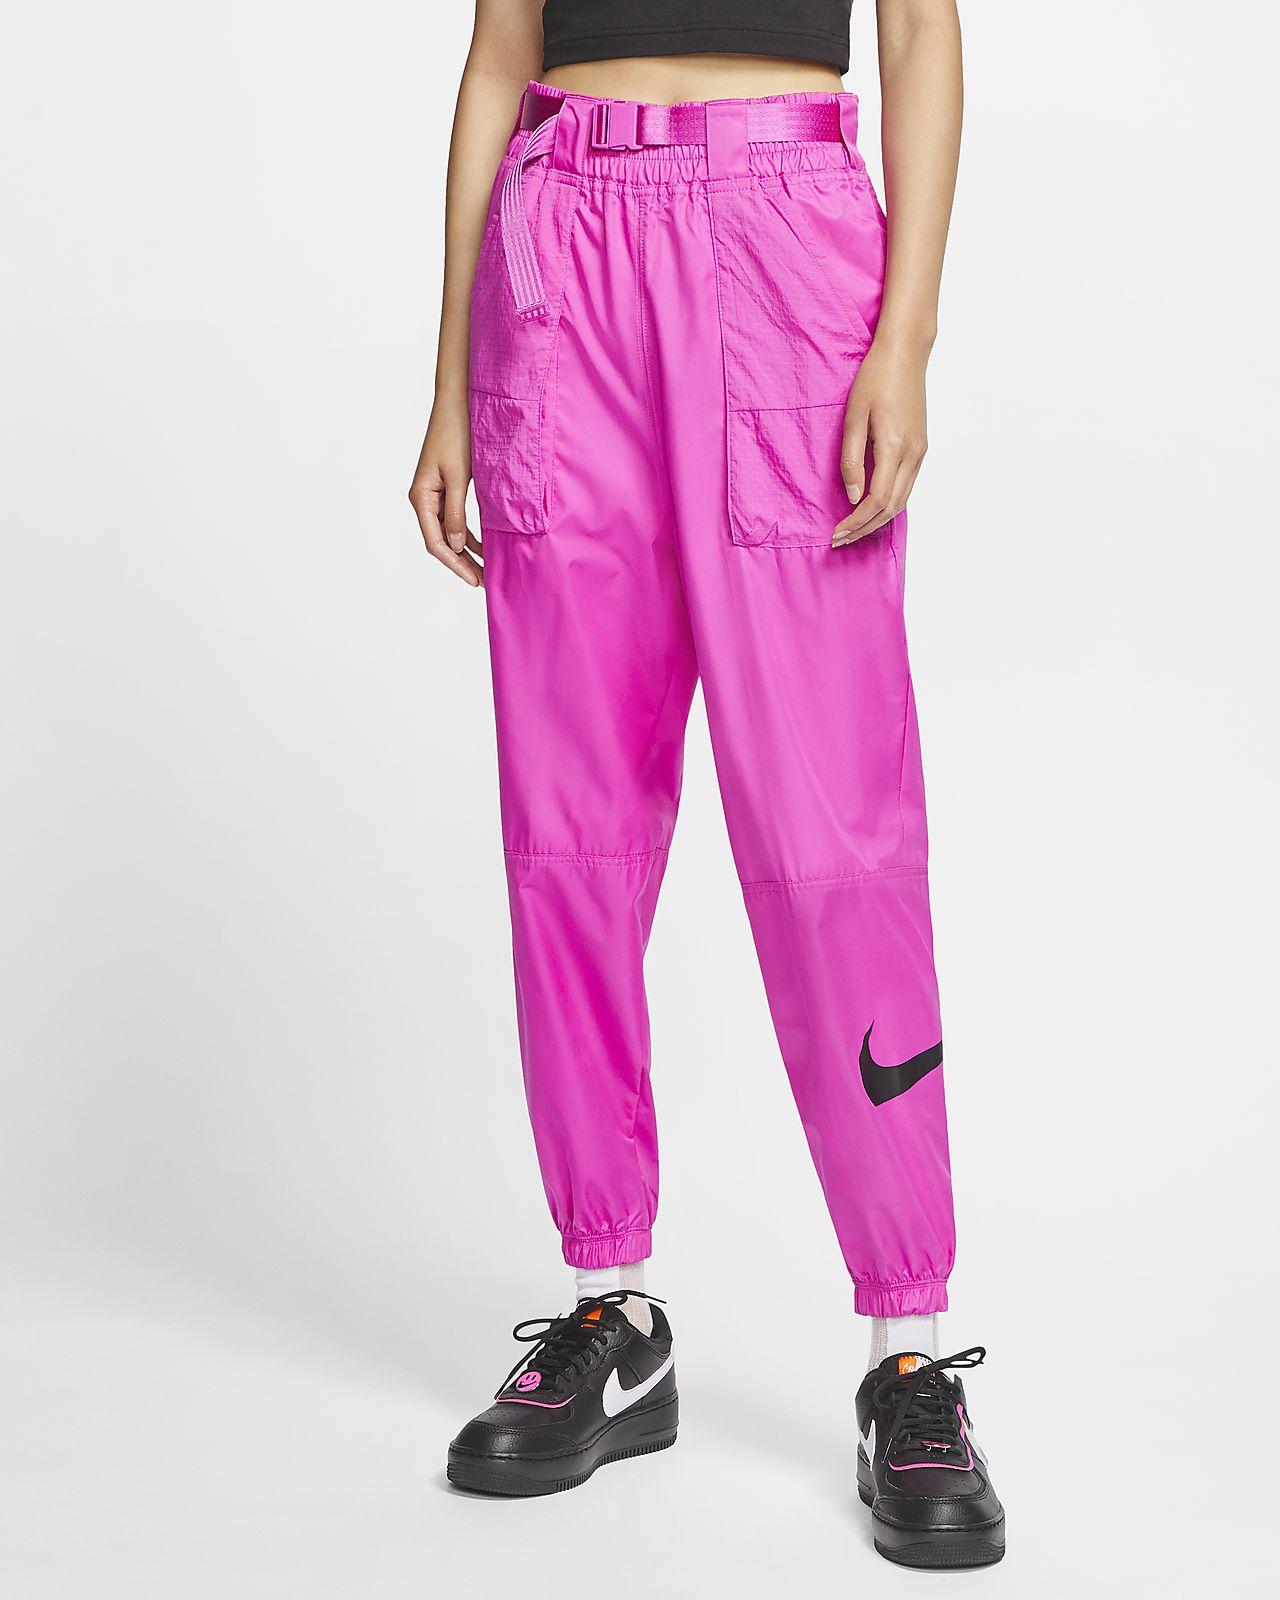 Byxor i vävt material med Swoosh-logga Nike Sportswear för kvinnor